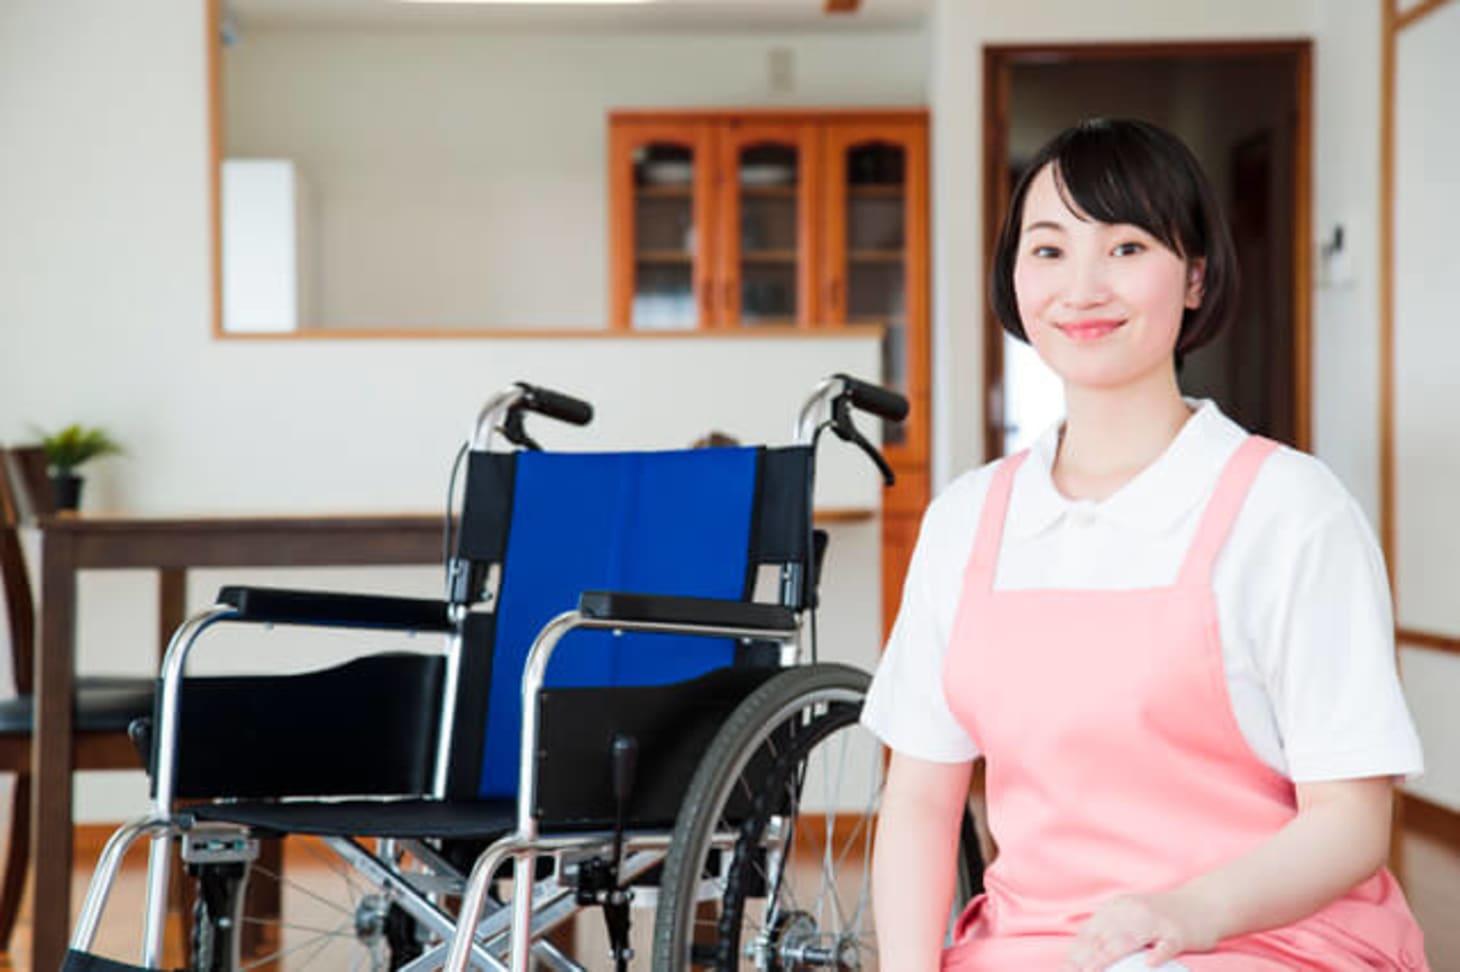 訪問介護は無資格でも就職できるの?